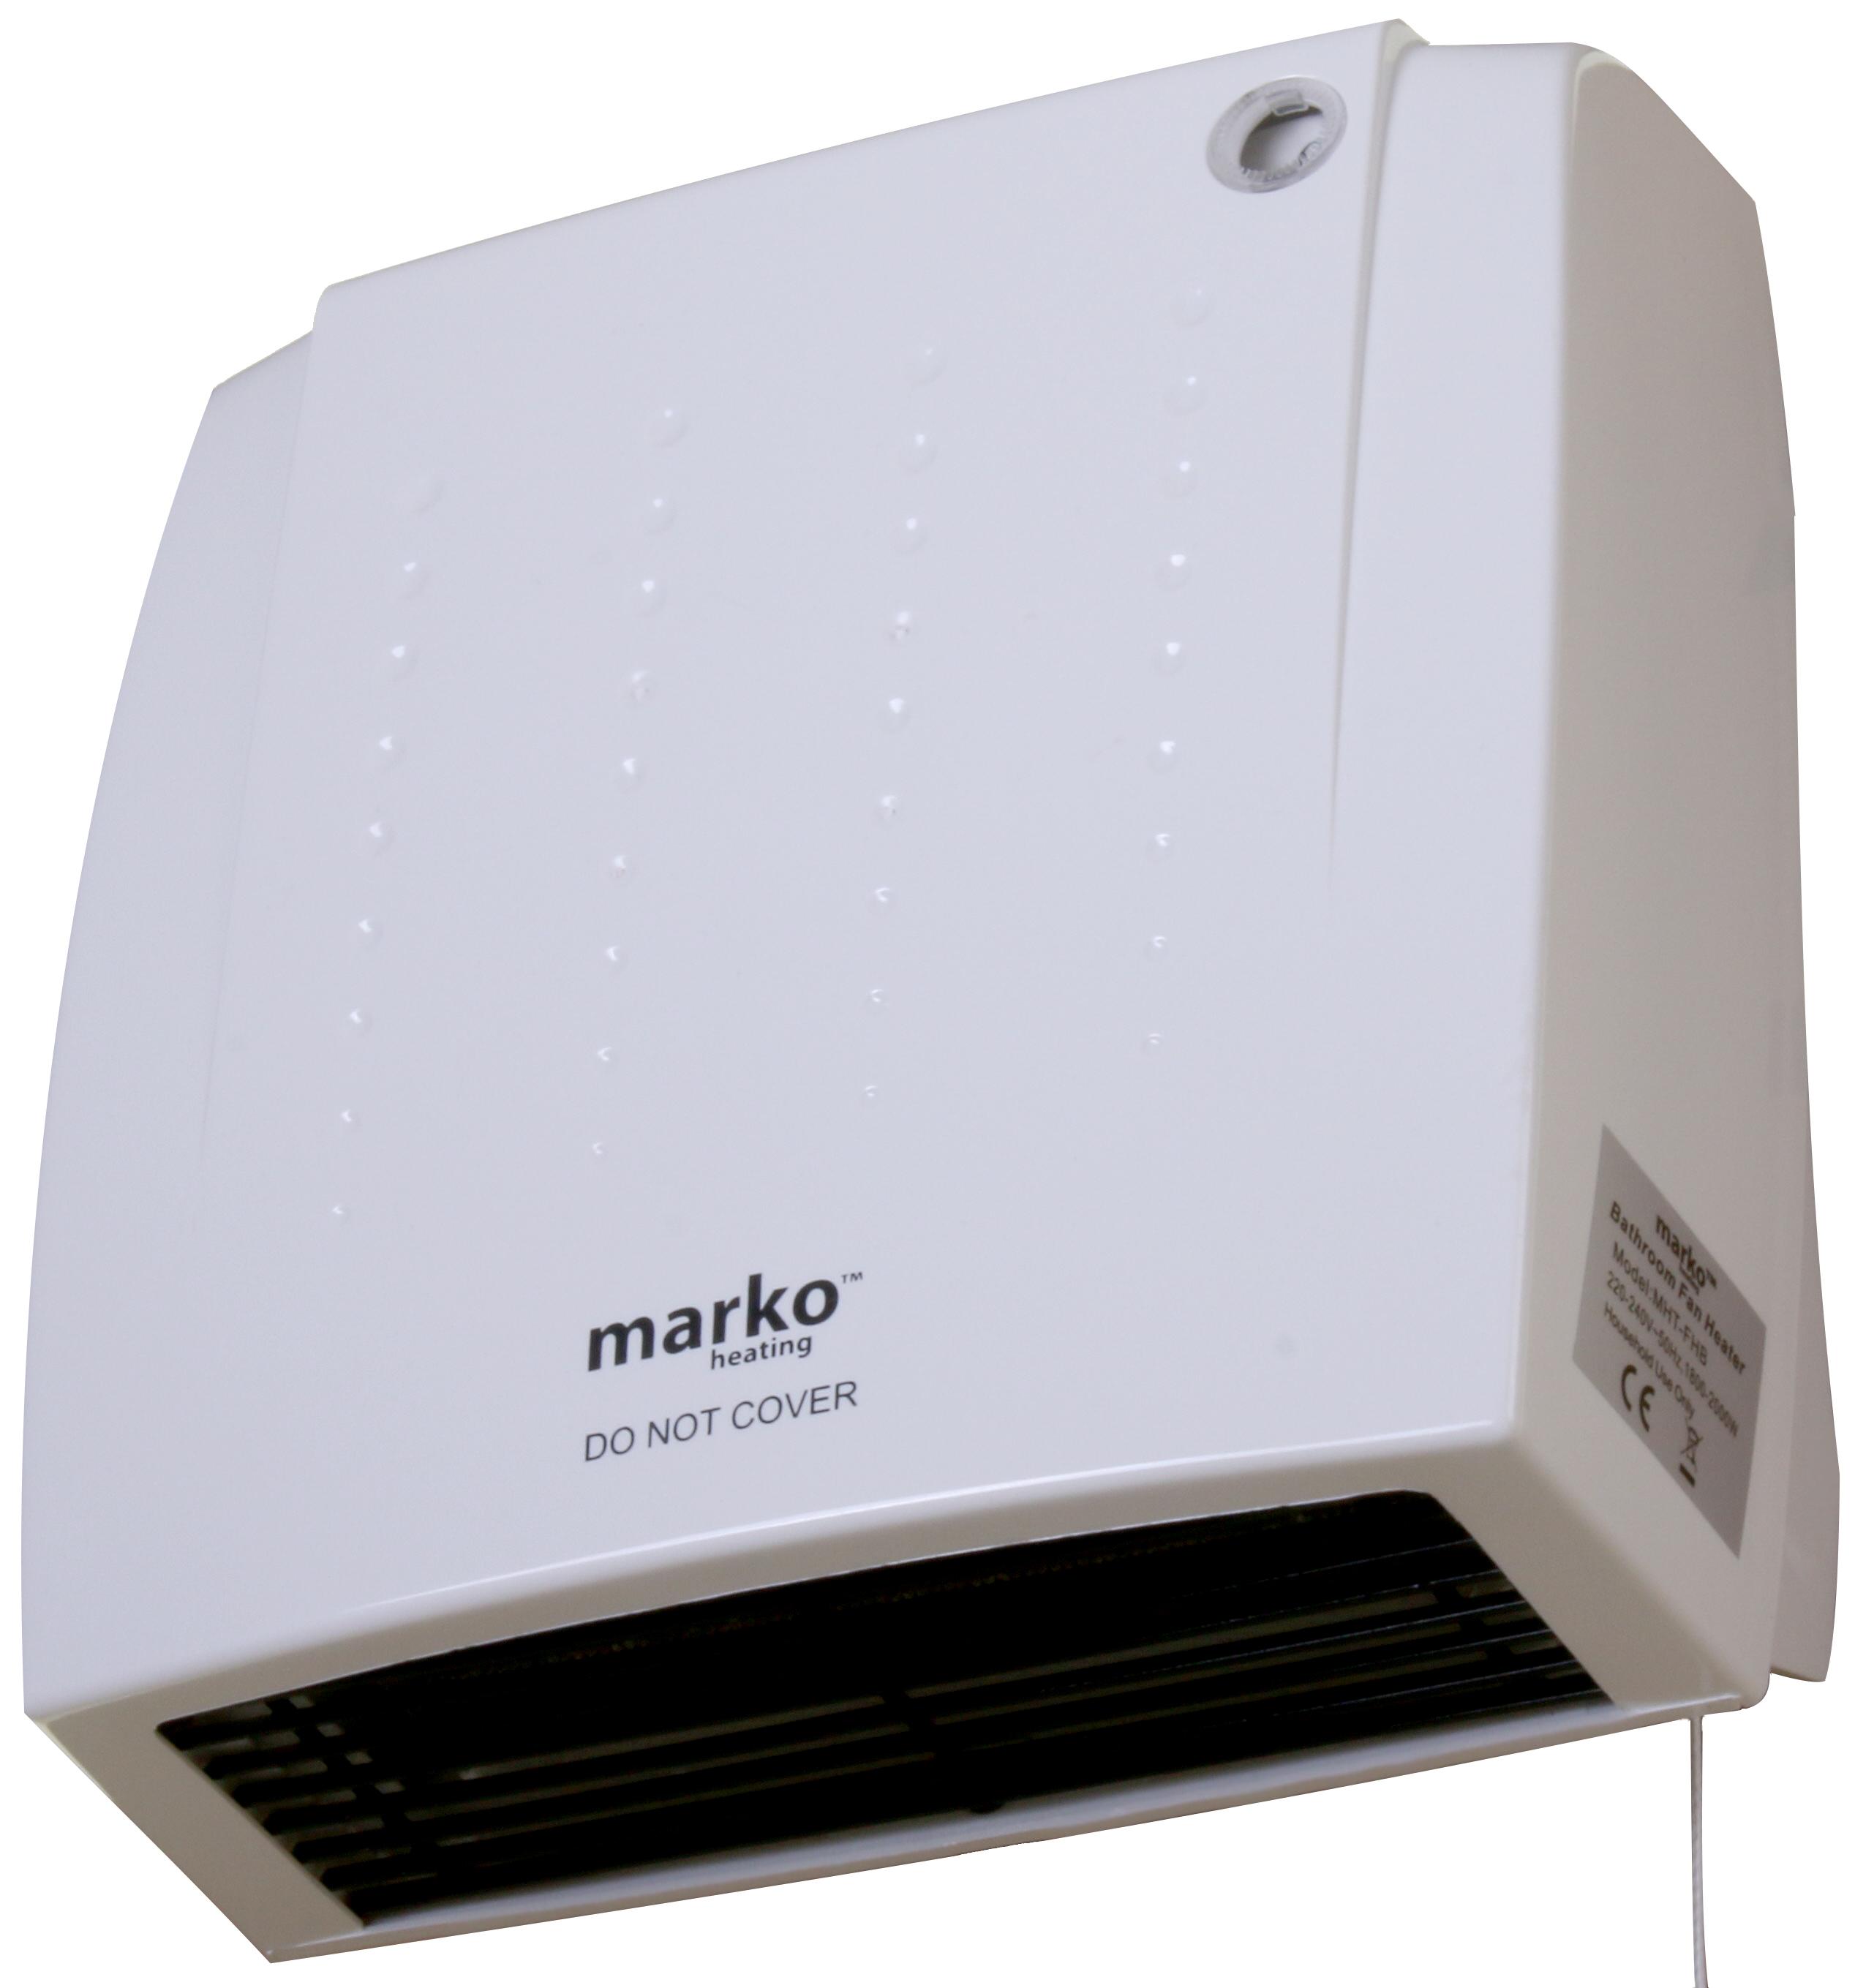 Wall Mounted Electric Bathroom Fan Heaters: BATHROOM HEATER DOWNFLOW 2KW WALL MOUNTED FAN BLOWER PULL